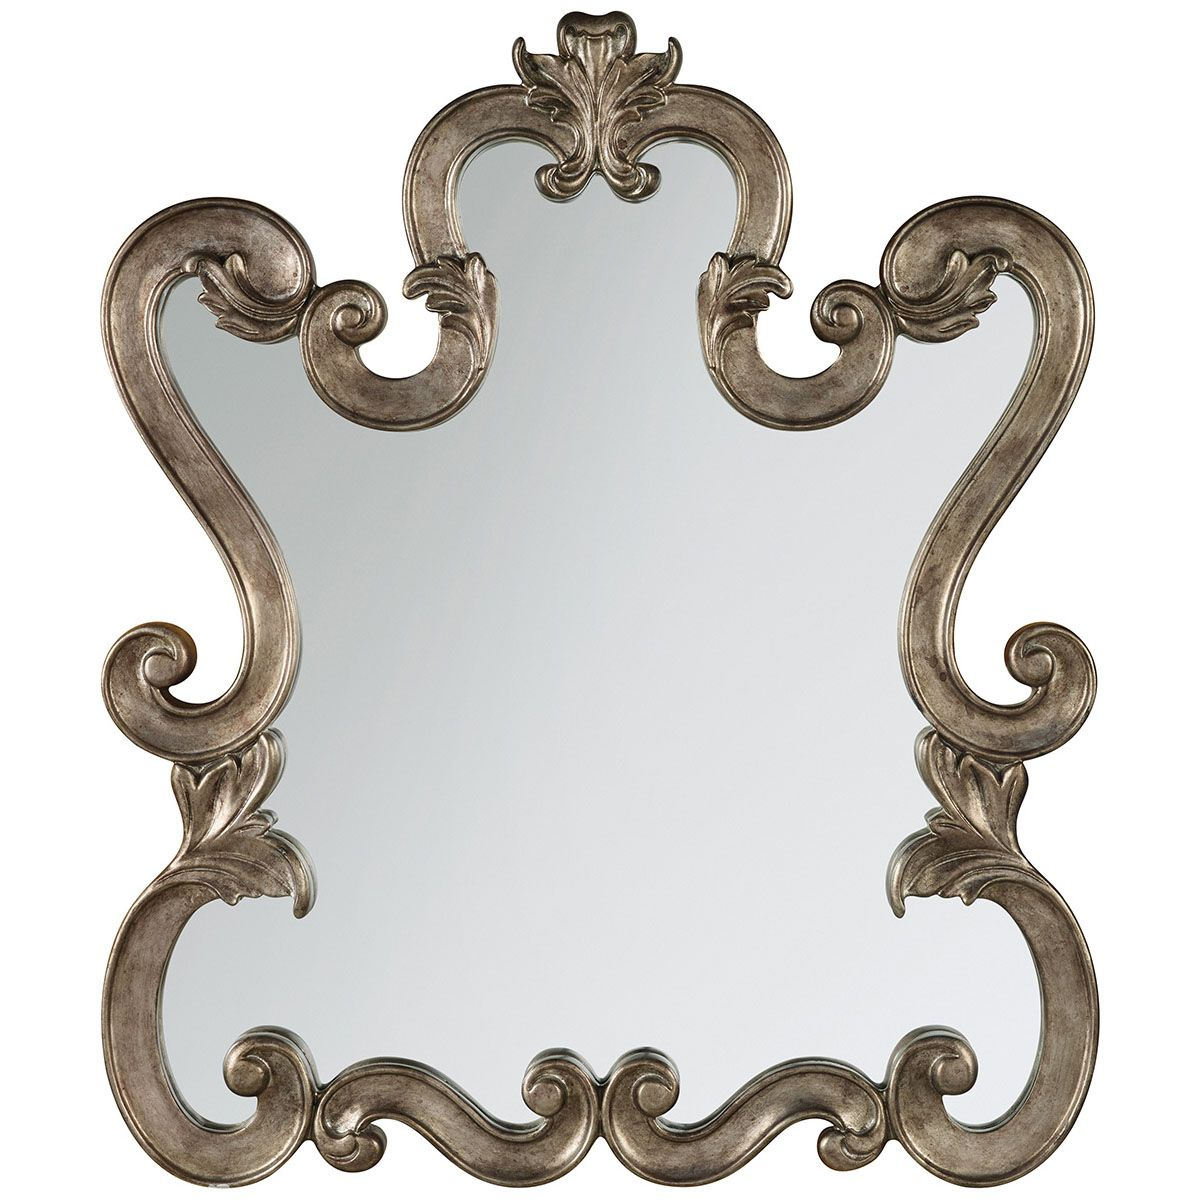 Hooker Furniture Rhapsody Mirror 5270 90009